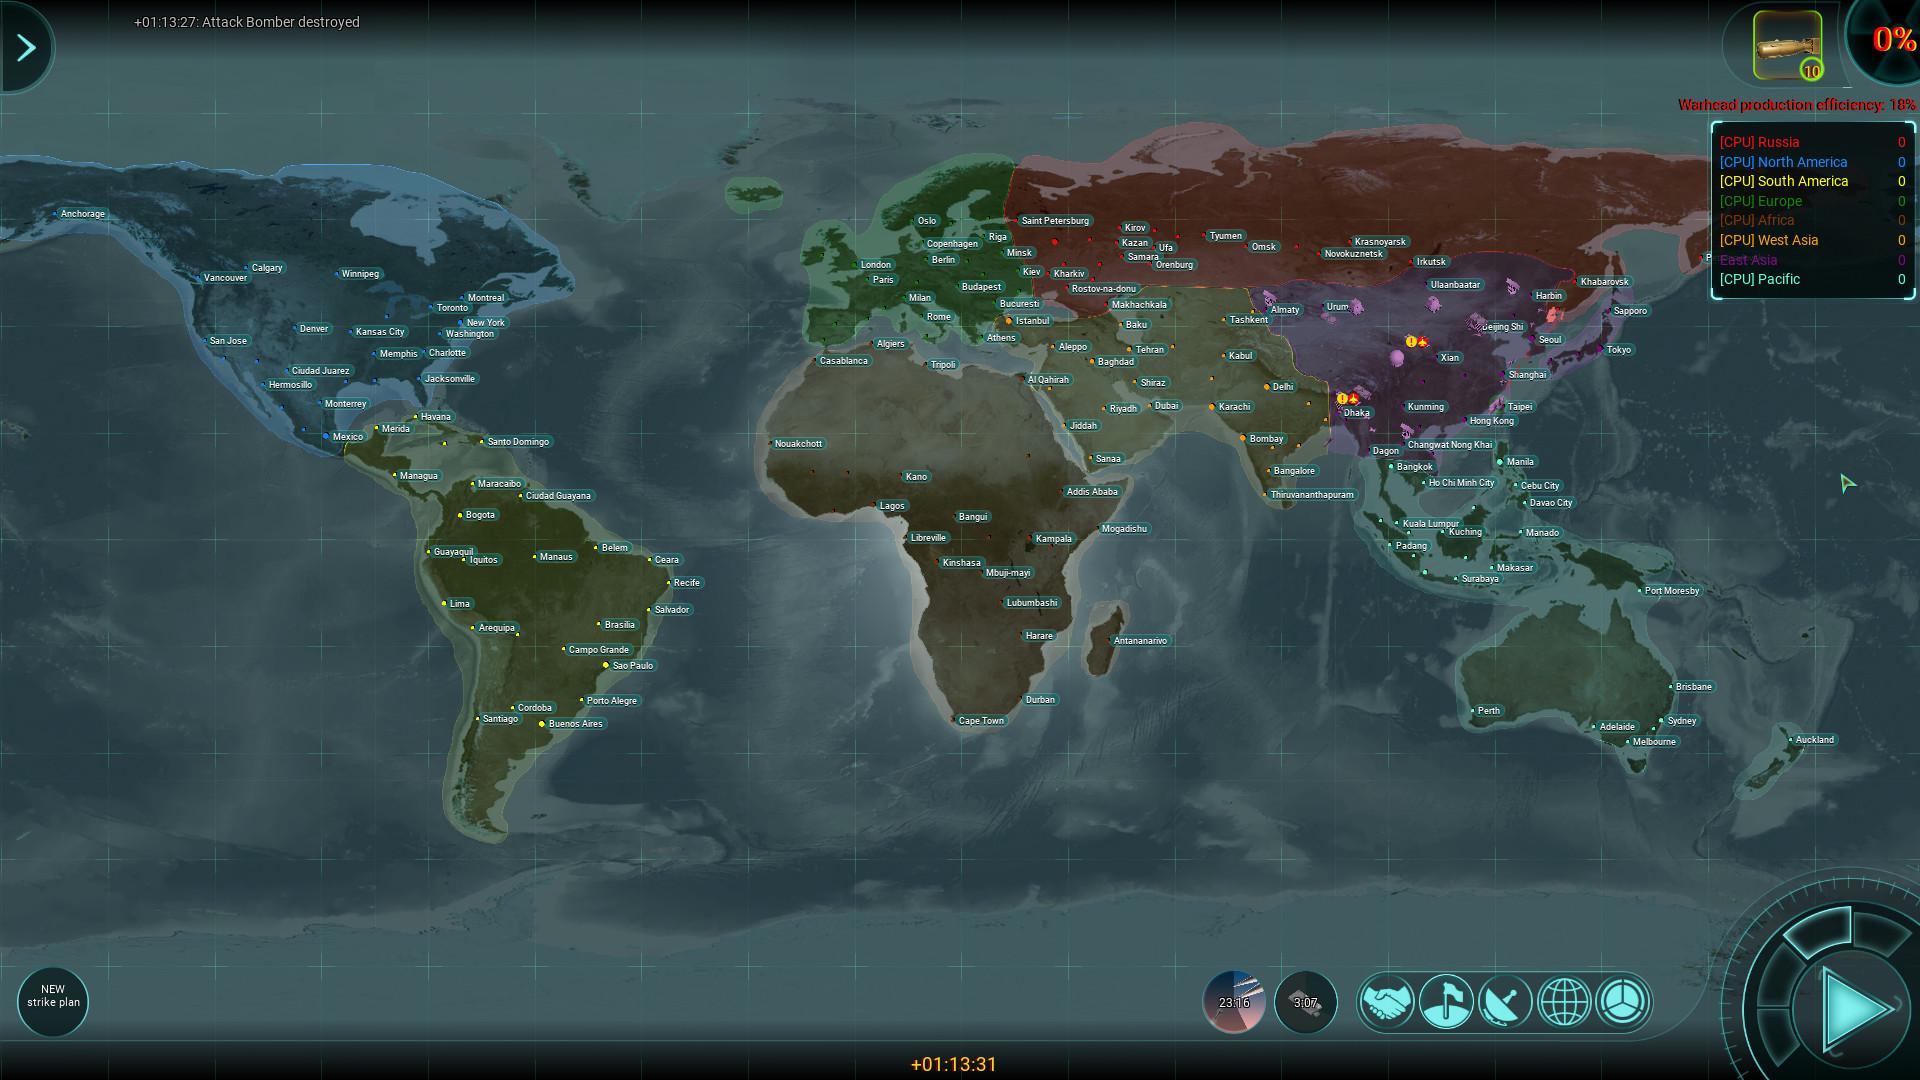 洲际弹道导弹图片